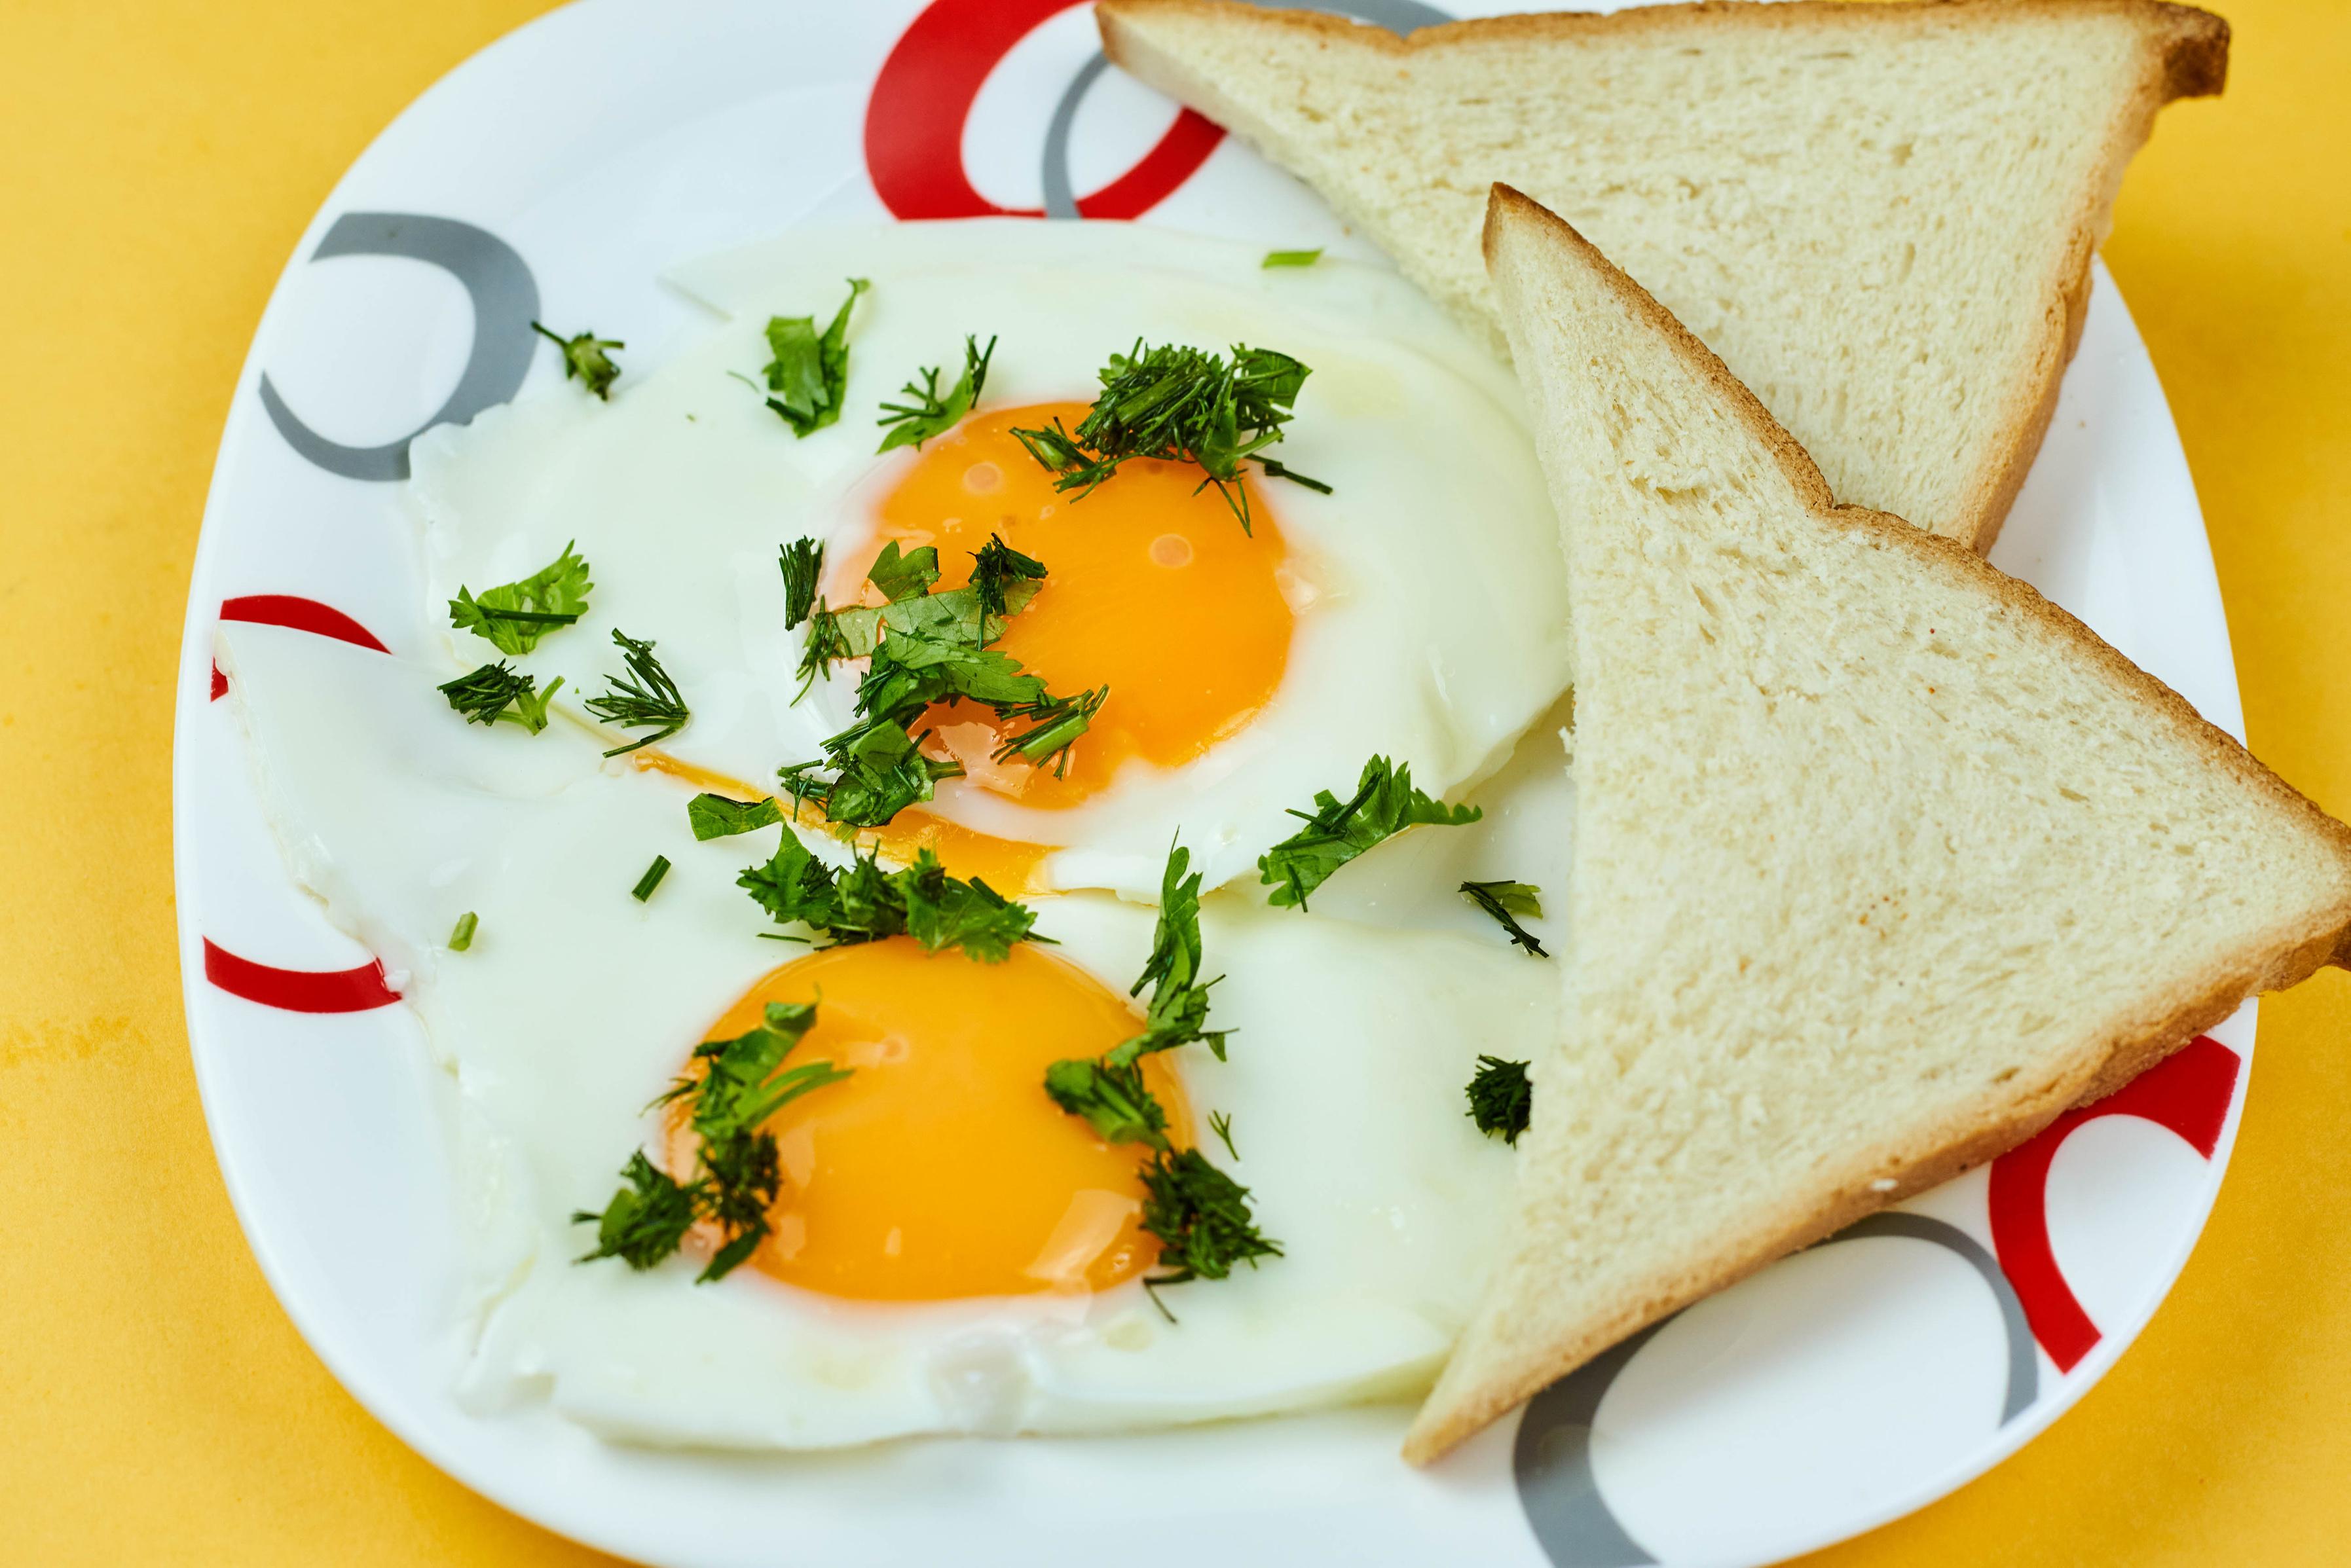 Фото Яичница Хлеб Укроп Пища тарелке яичницы глазунья Еда Тарелка Продукты питания